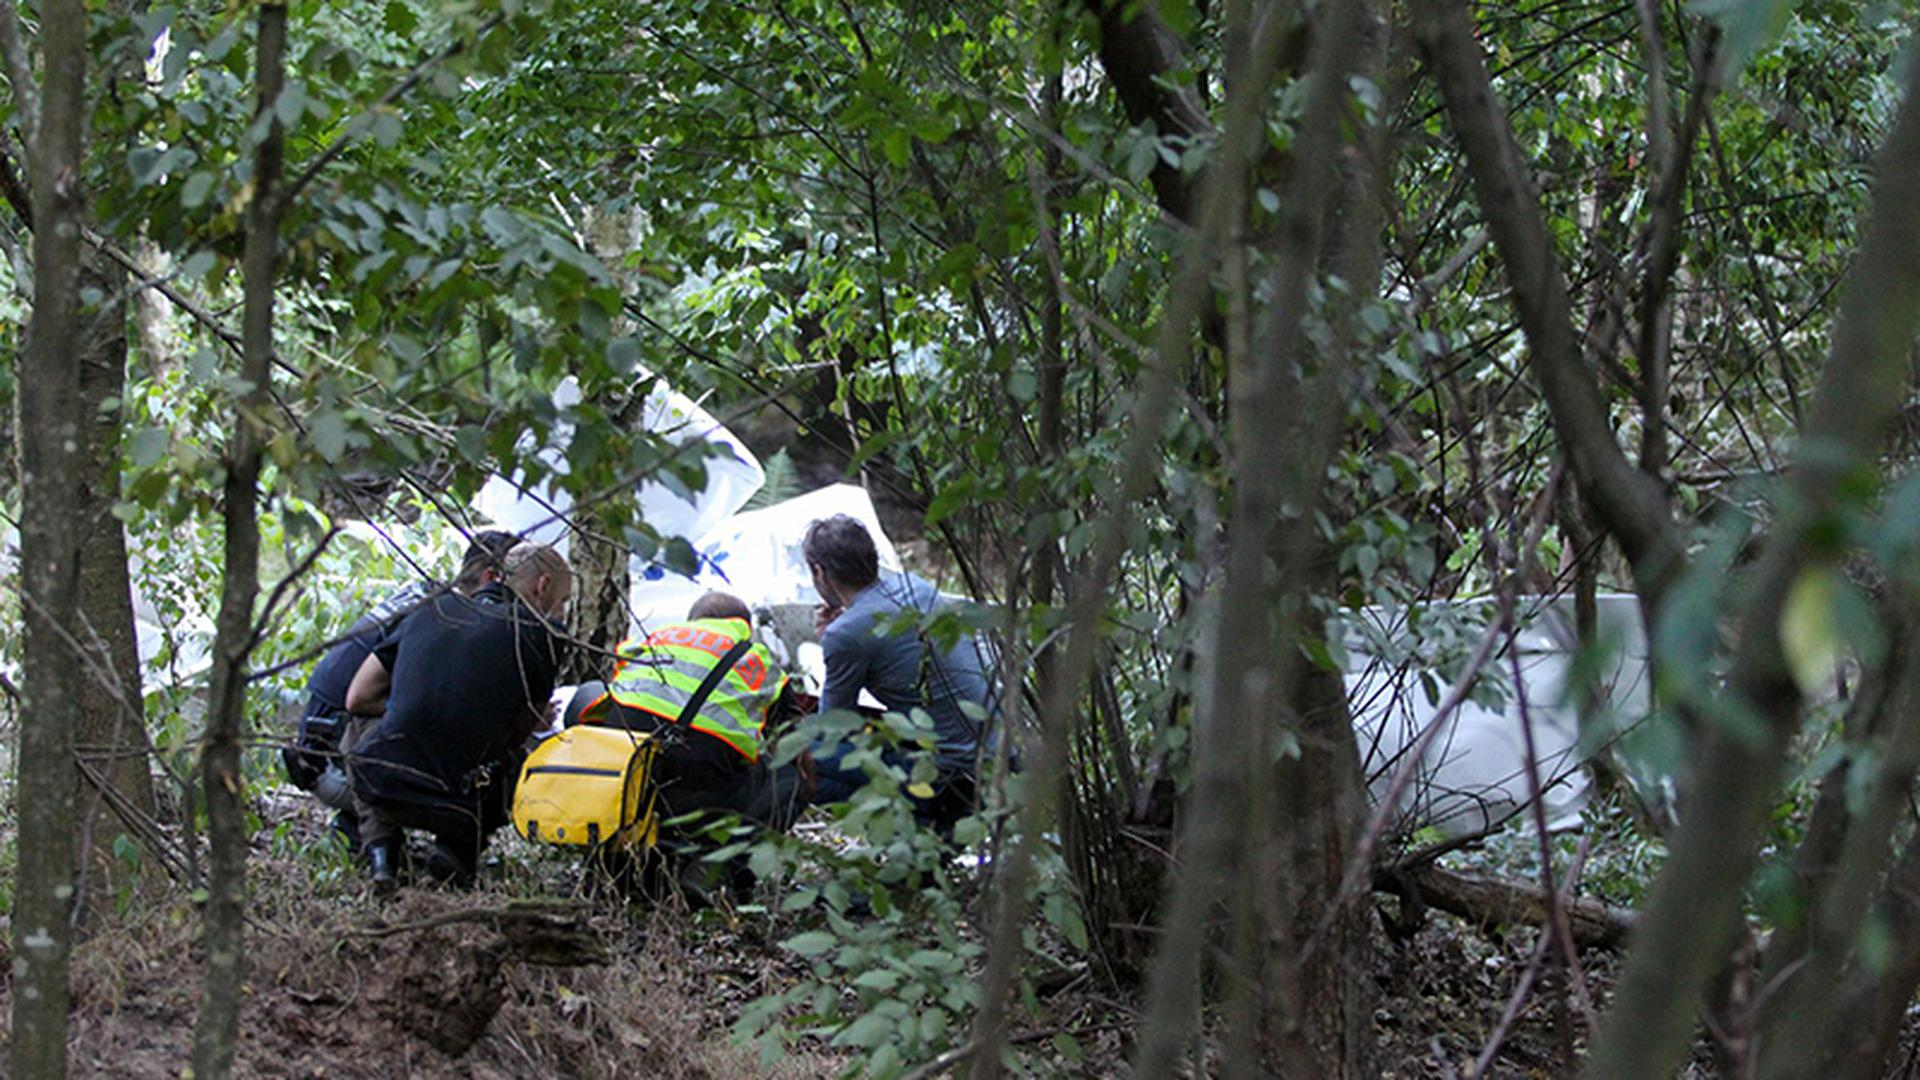 Spurensuche: Experten untersuchen das Wrack des Kleinflugzeugs, das am frühen Sonntagabend abstürzte. Die beiden Insassen kamen bei dem Unglück ums Leben.